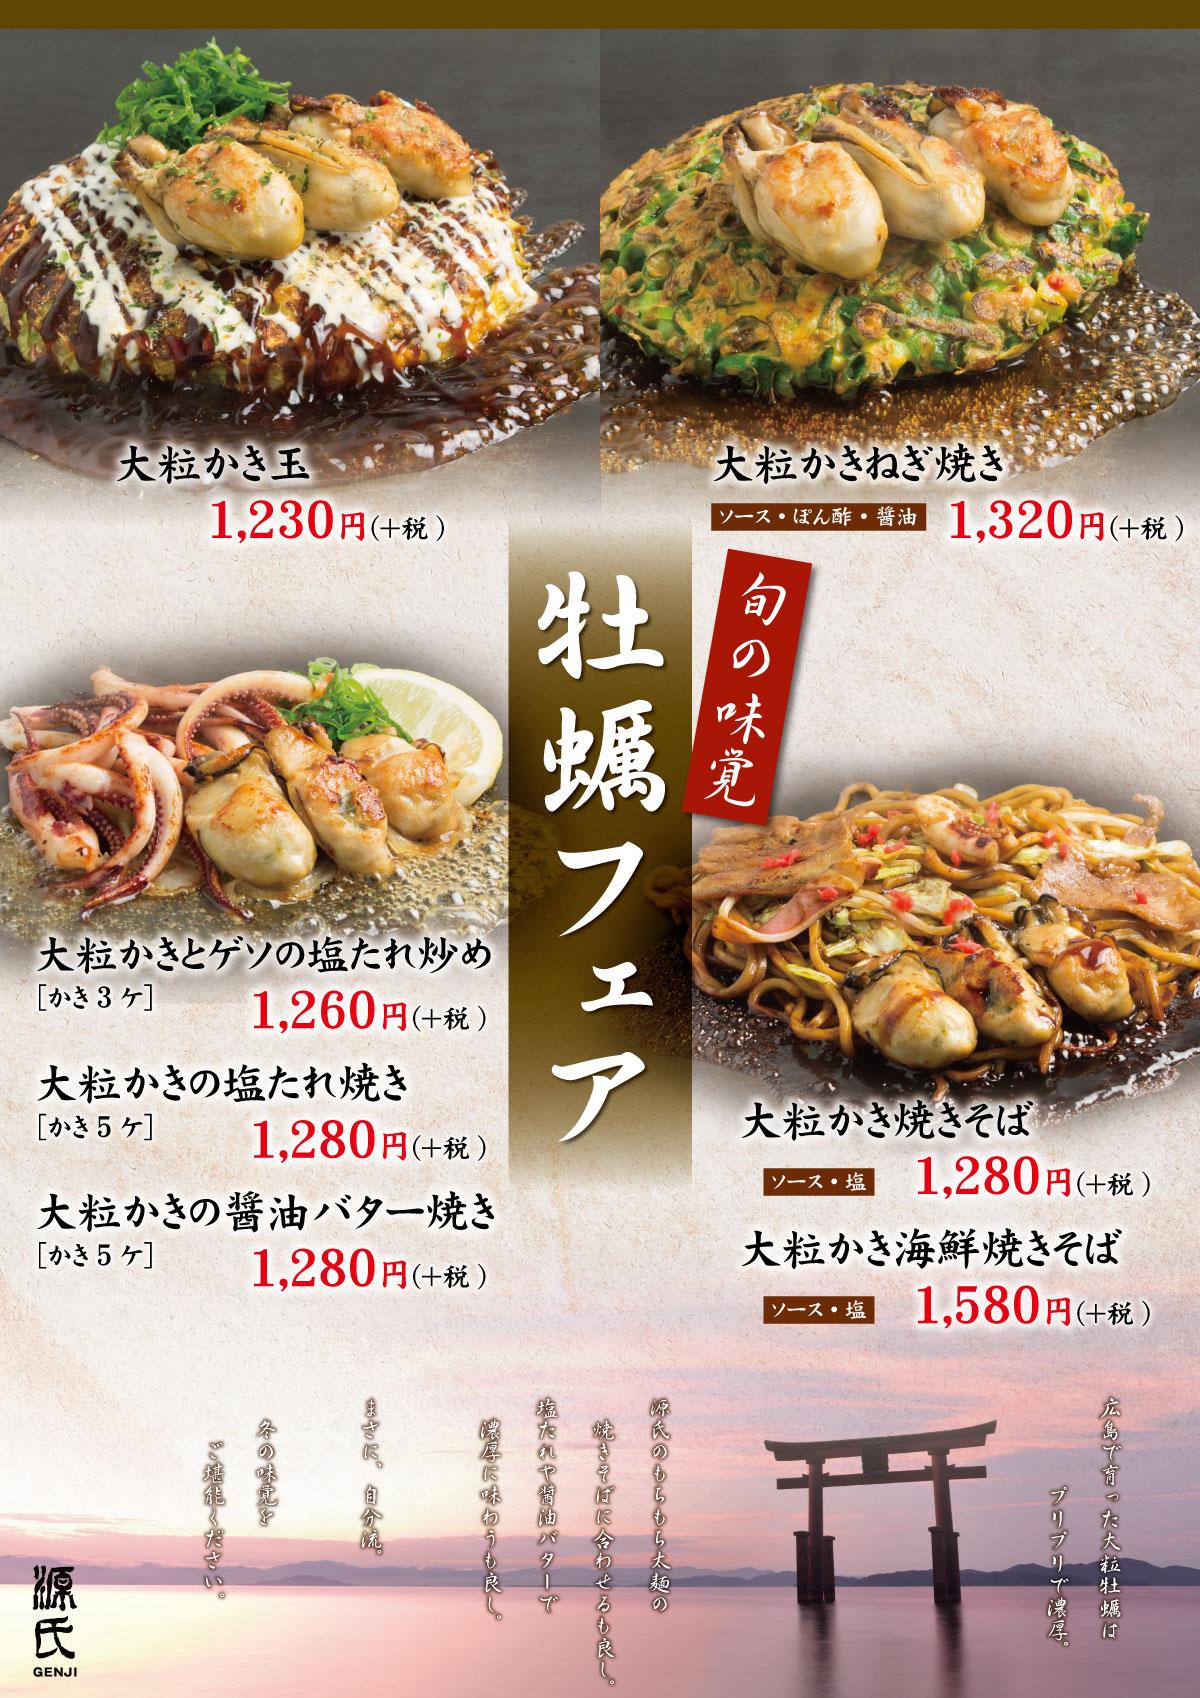 201701_ミント神戸牡蠣フェア